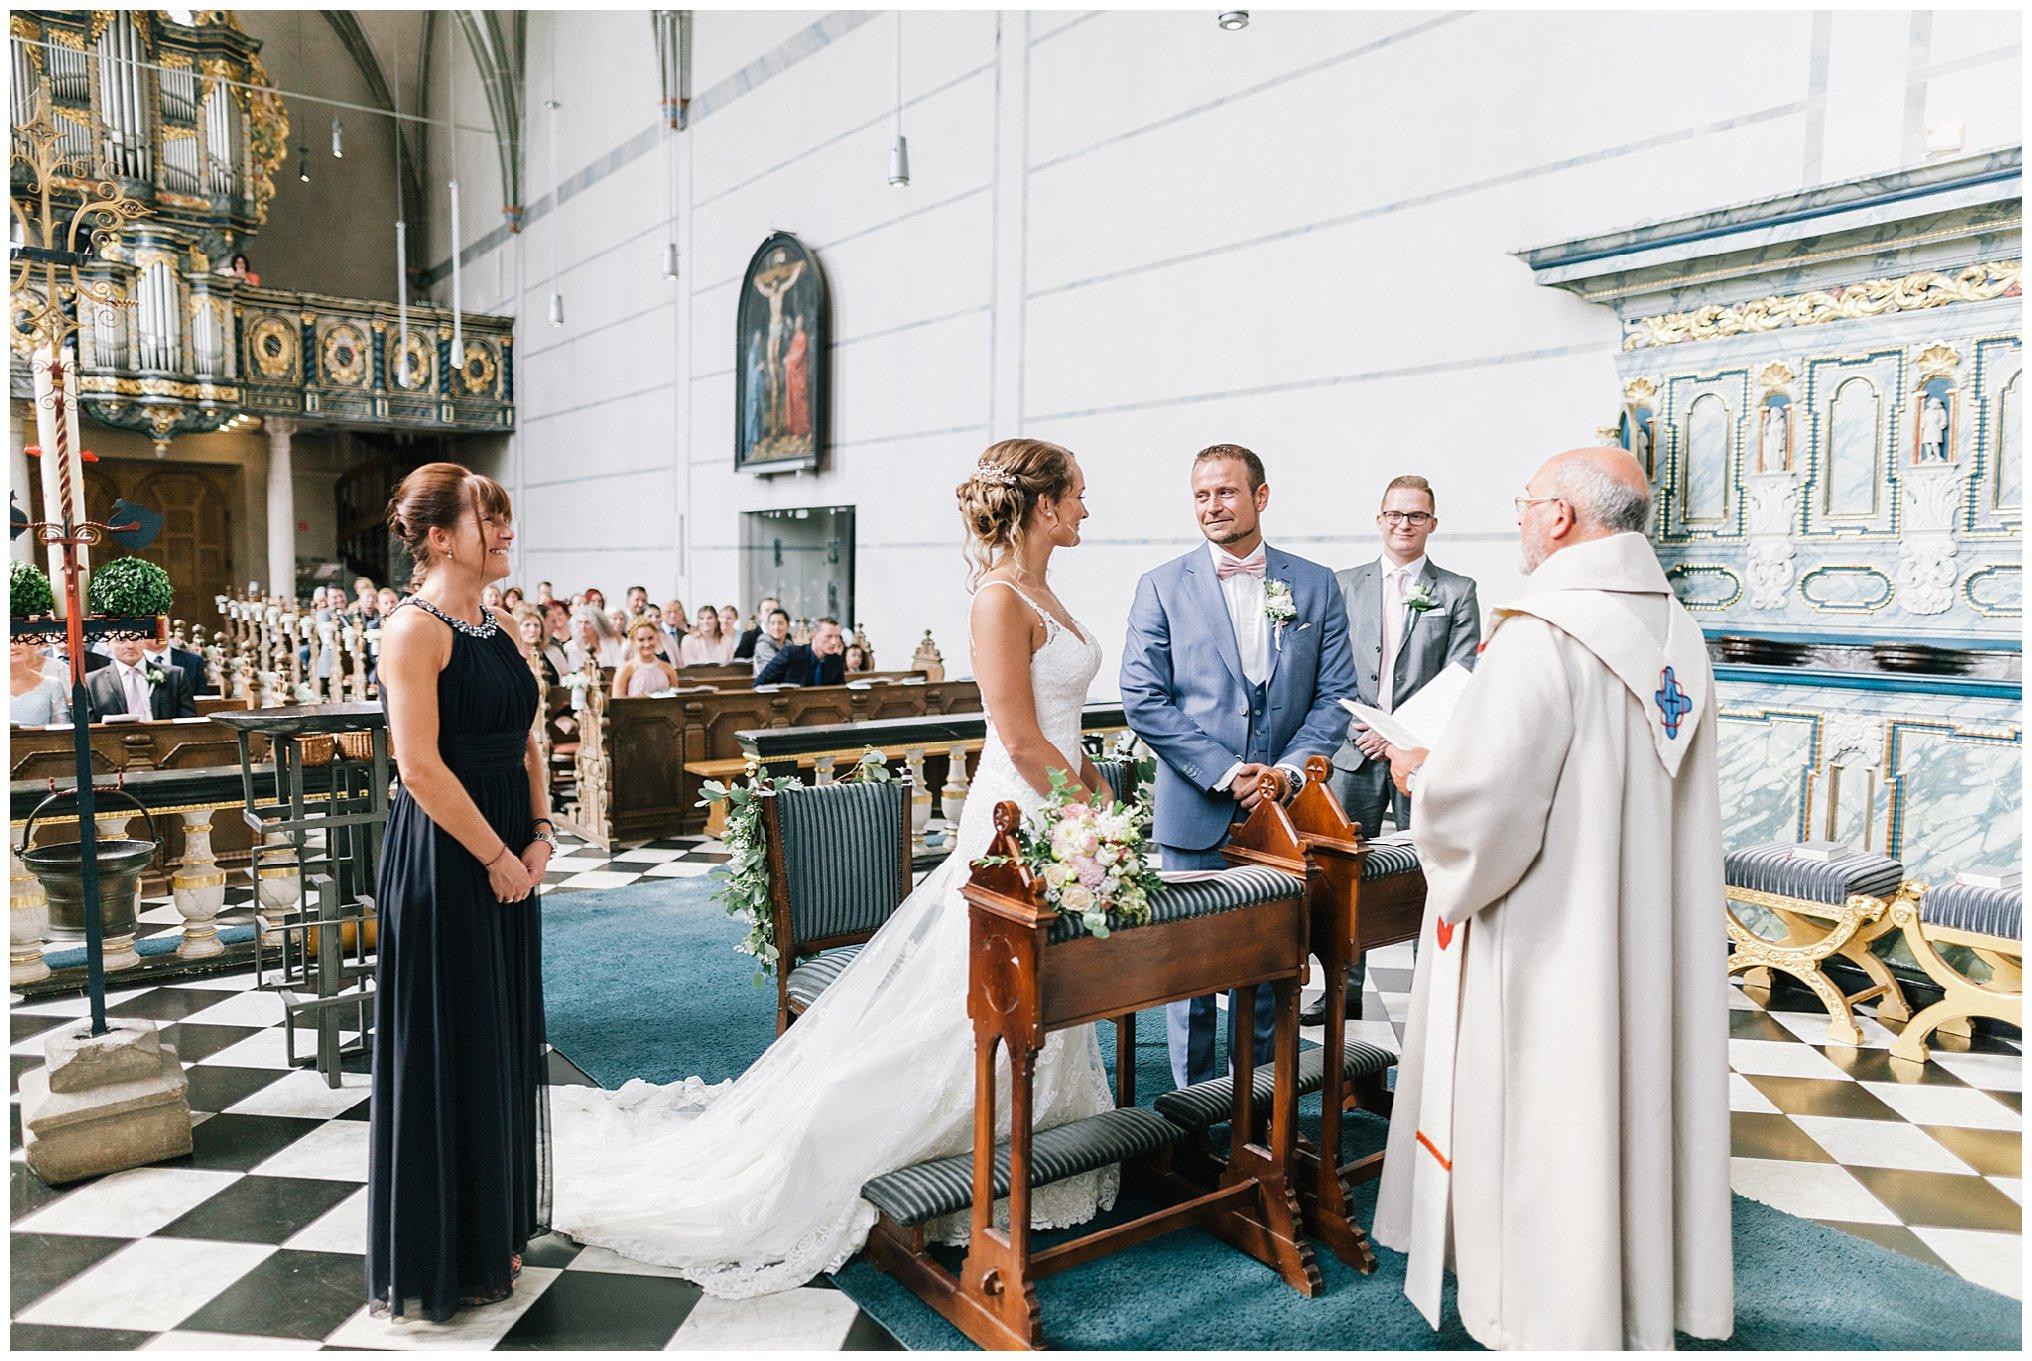 kirchliche Trauung Golfhotel Vesper Hochzeit Sprockhövel Hochzeitsfotograf Jane Weber boho chic vintage fine art